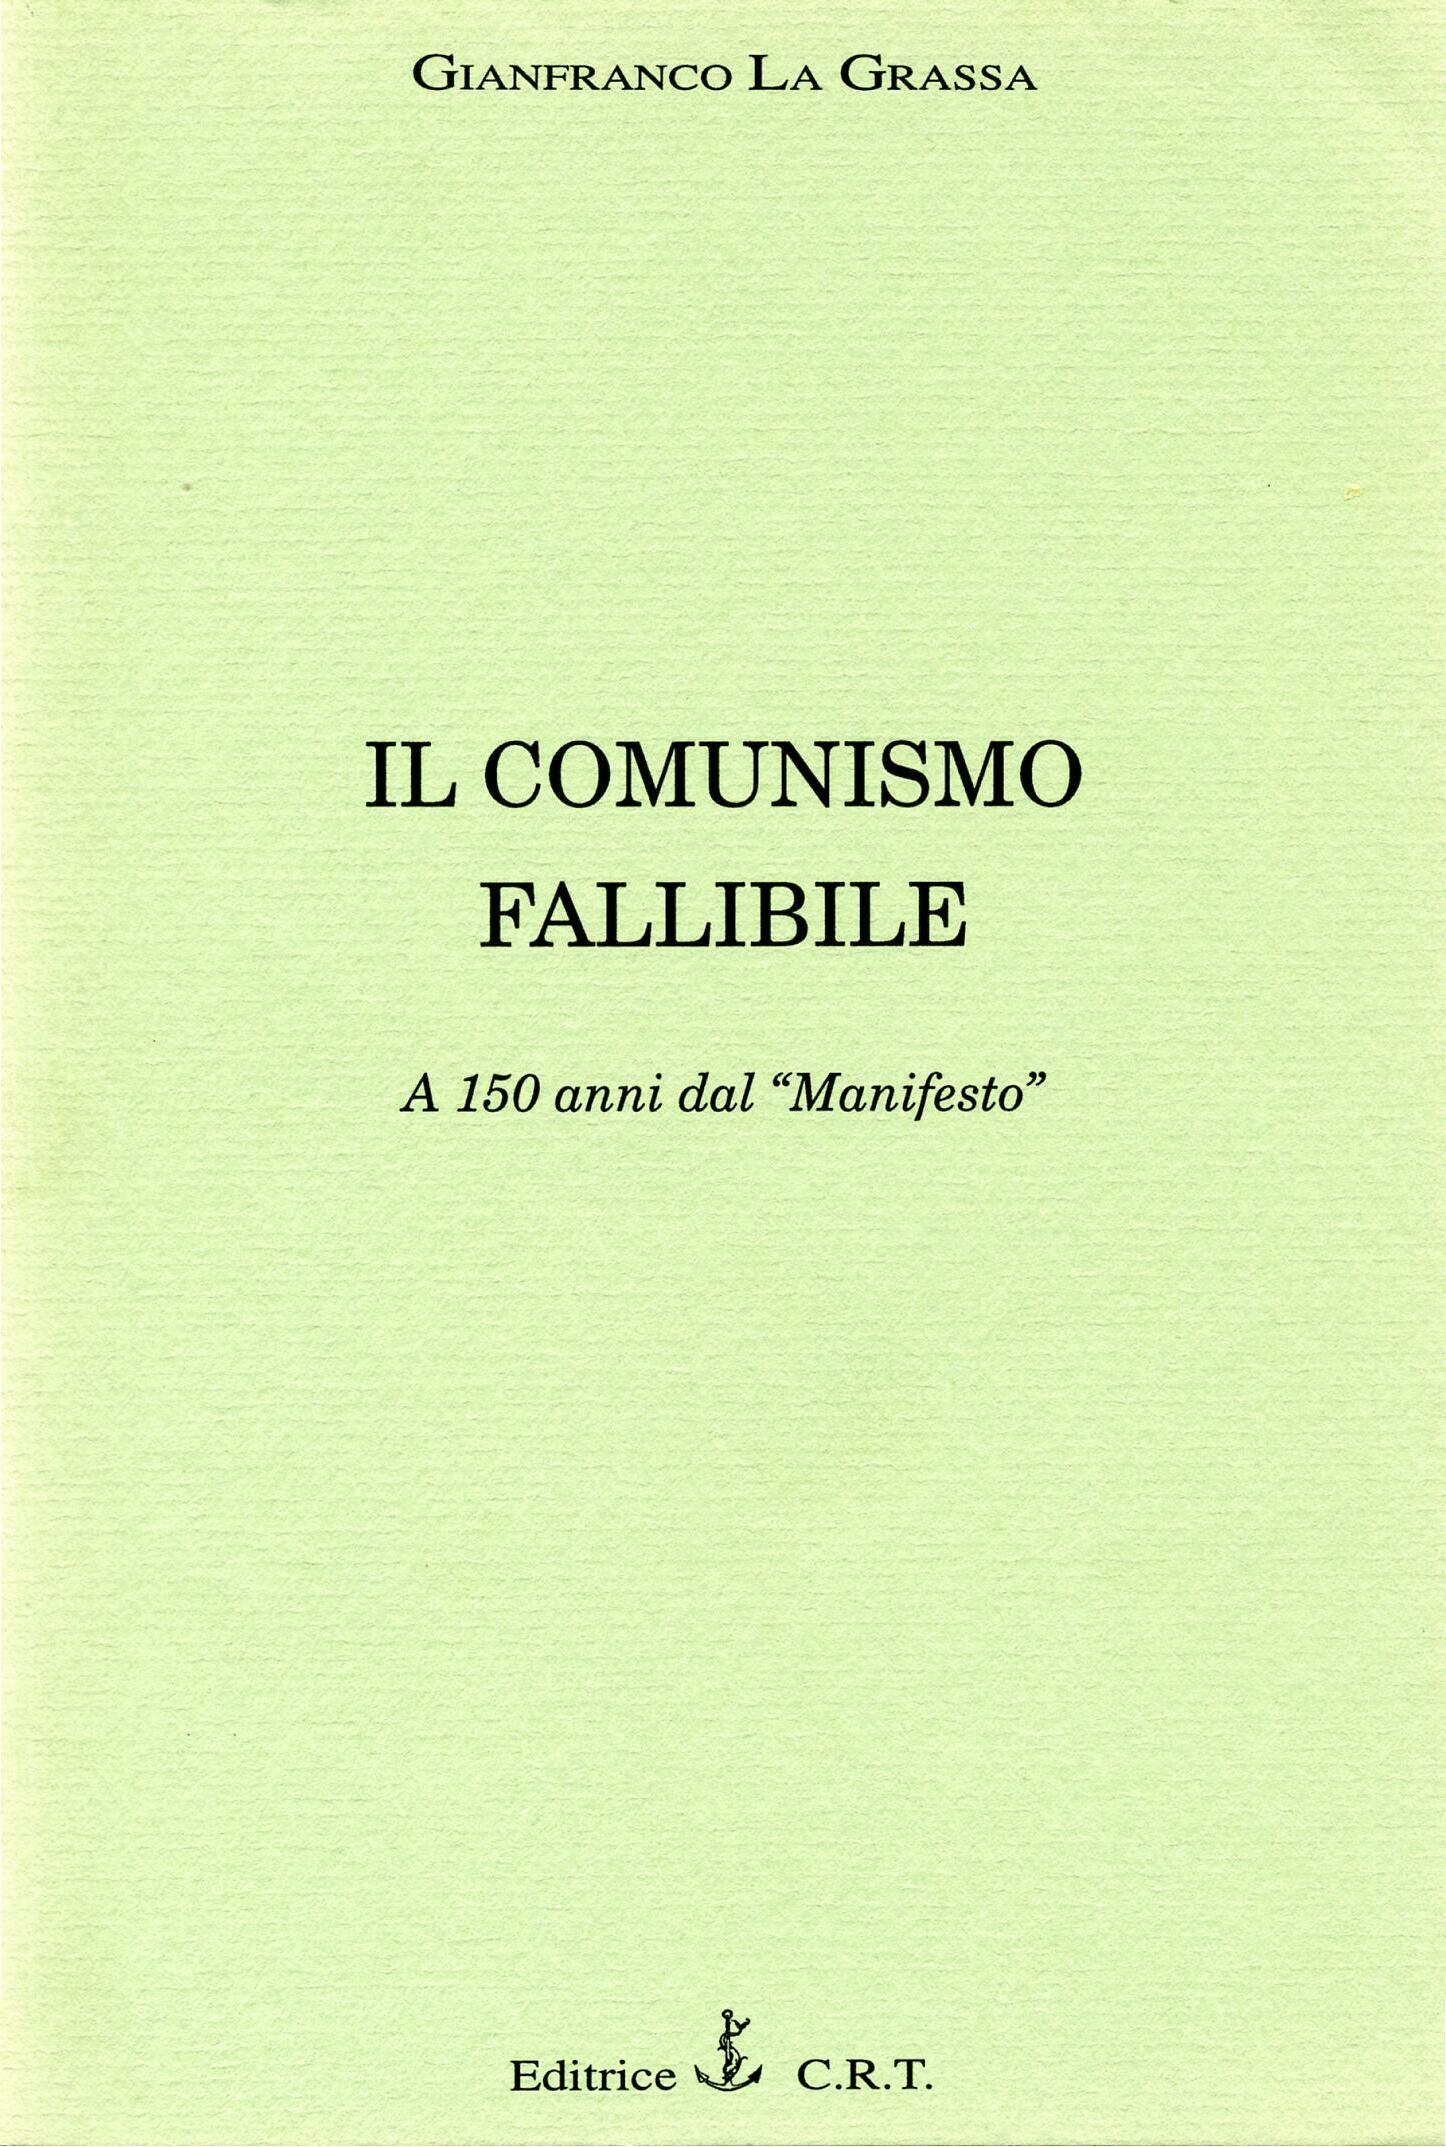 Il comunismo fallibile